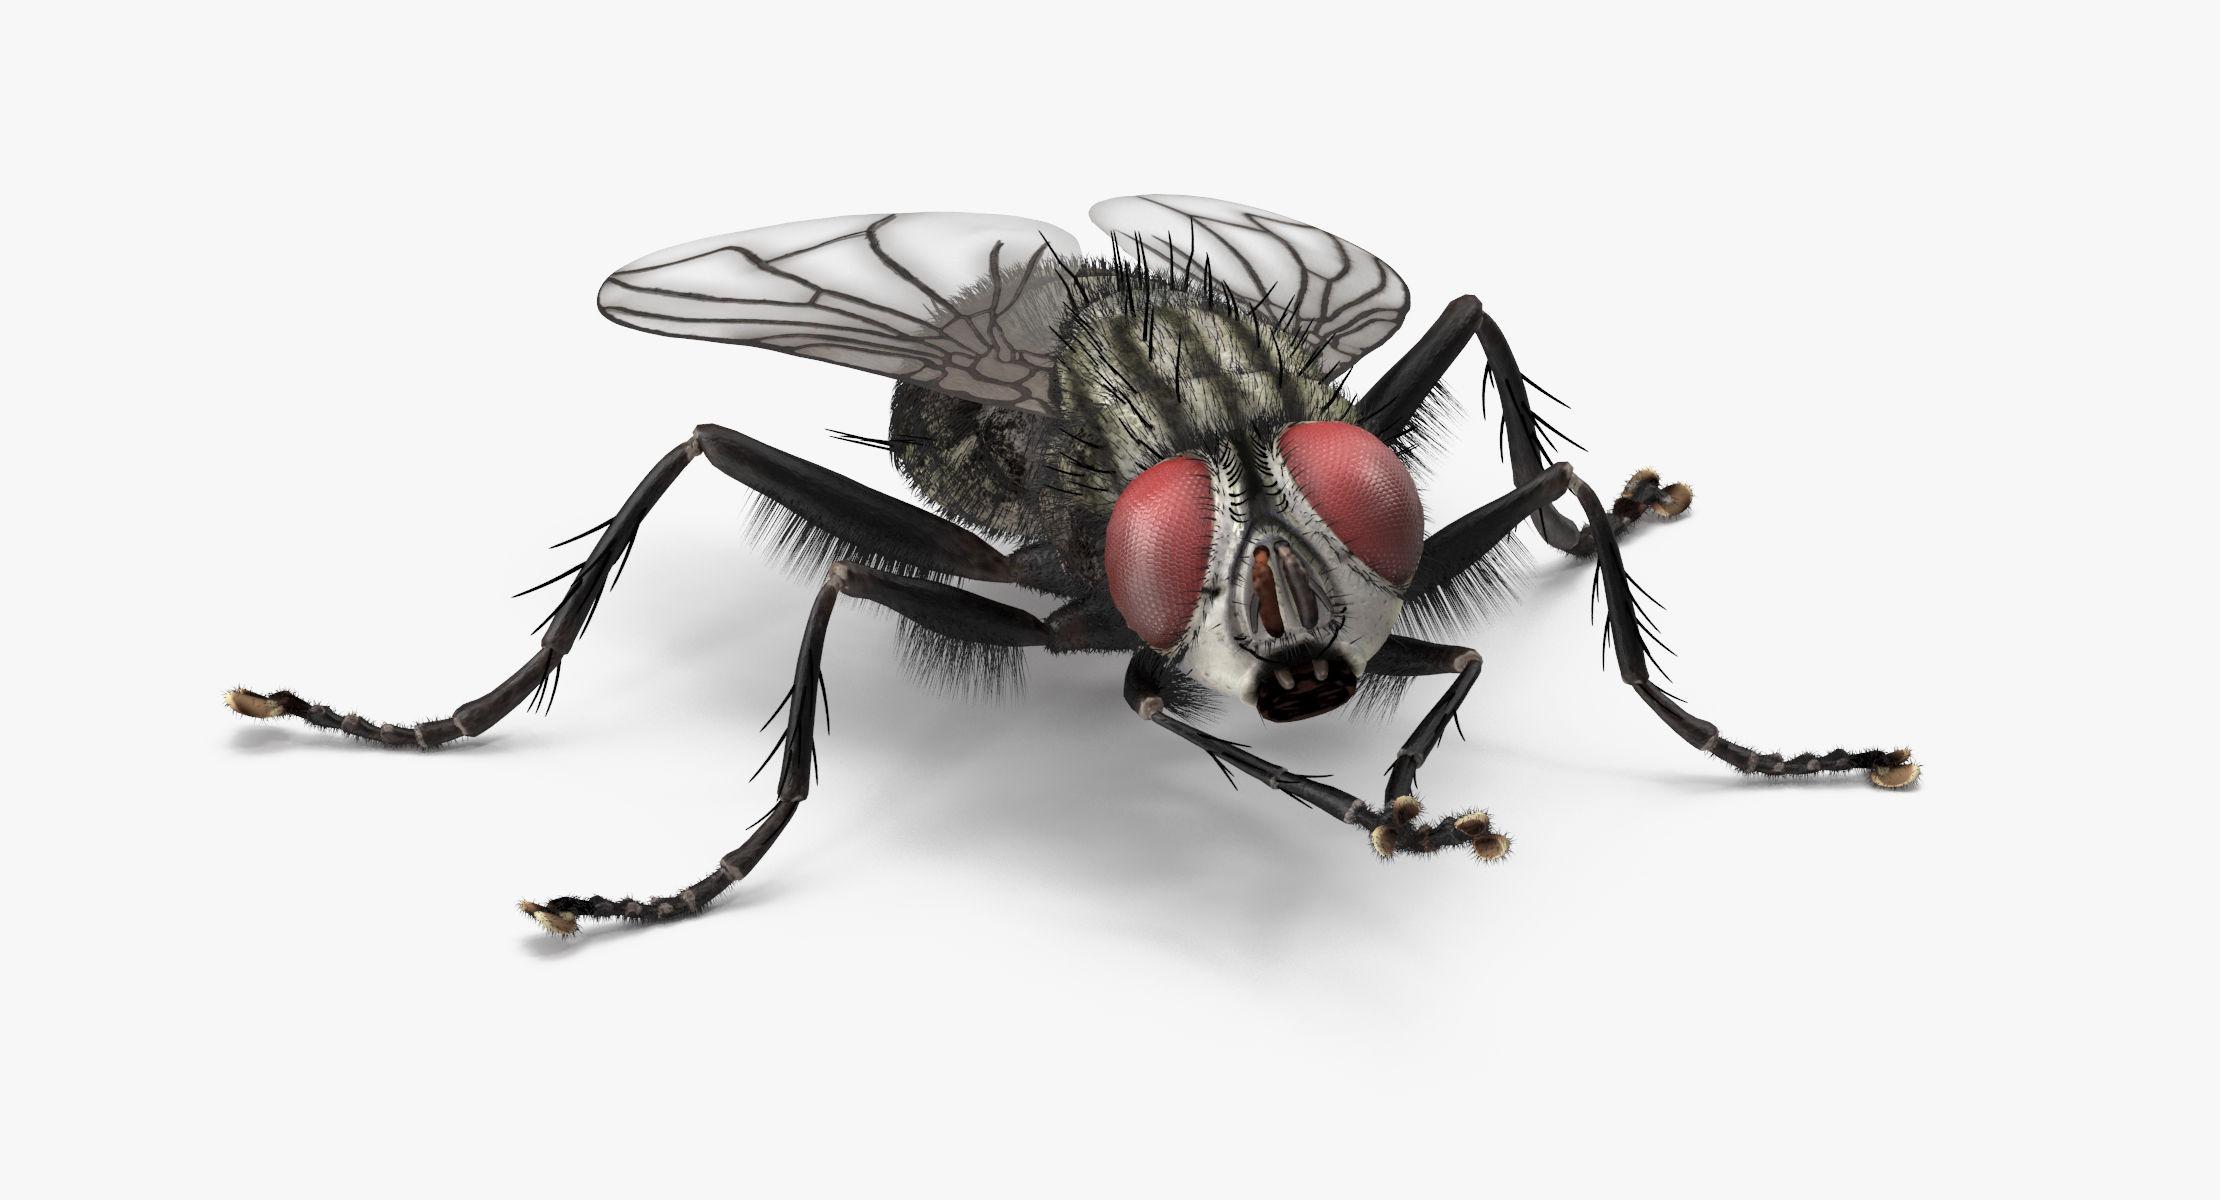 House Fly Rubbing legs - reel 1